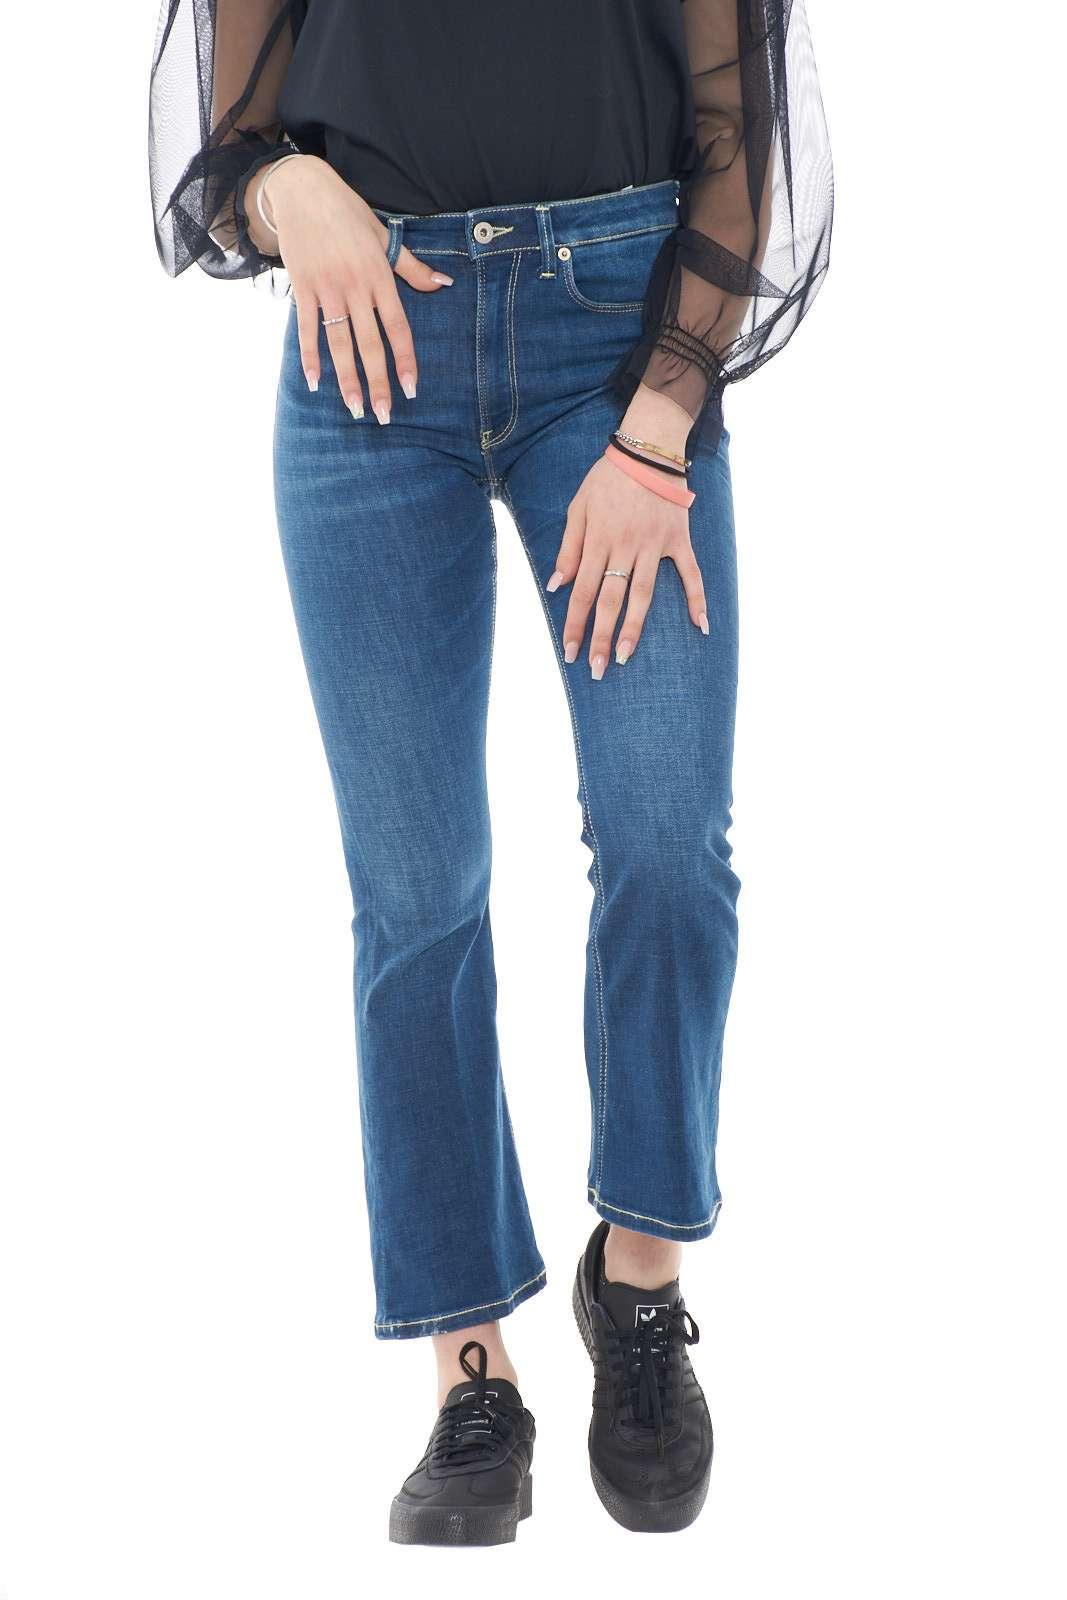 Un modello bootcut il Many proposto per la collezione donna Dondup. La vita alta e lo skinny fit ne esaltanola comodità, mentre la lunghezza sopra la caviglia dona quel tocco glamour. Perfetti da indossare sia nelle occasioni formali che non conquistano per la loro linea pulità e vestibilità.